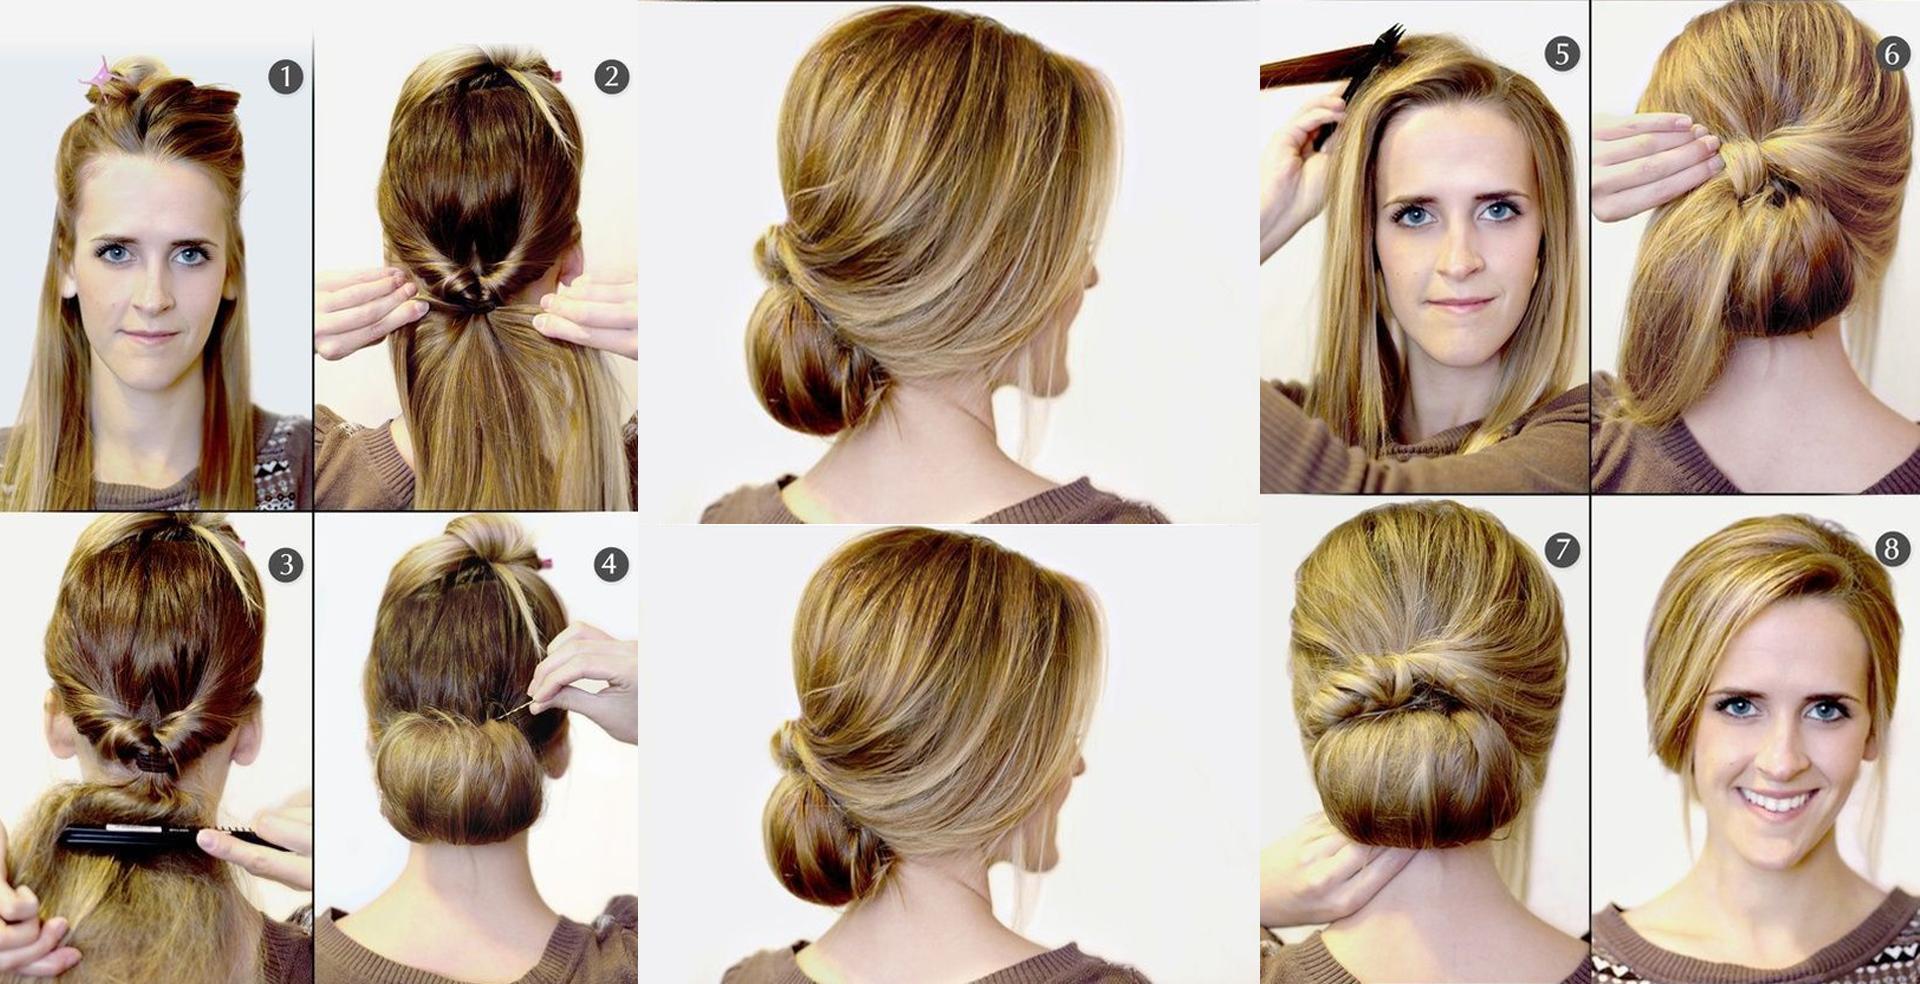 15 peinados para fiestas que son totalmente fant sticos - Peinados fiesta faciles ...